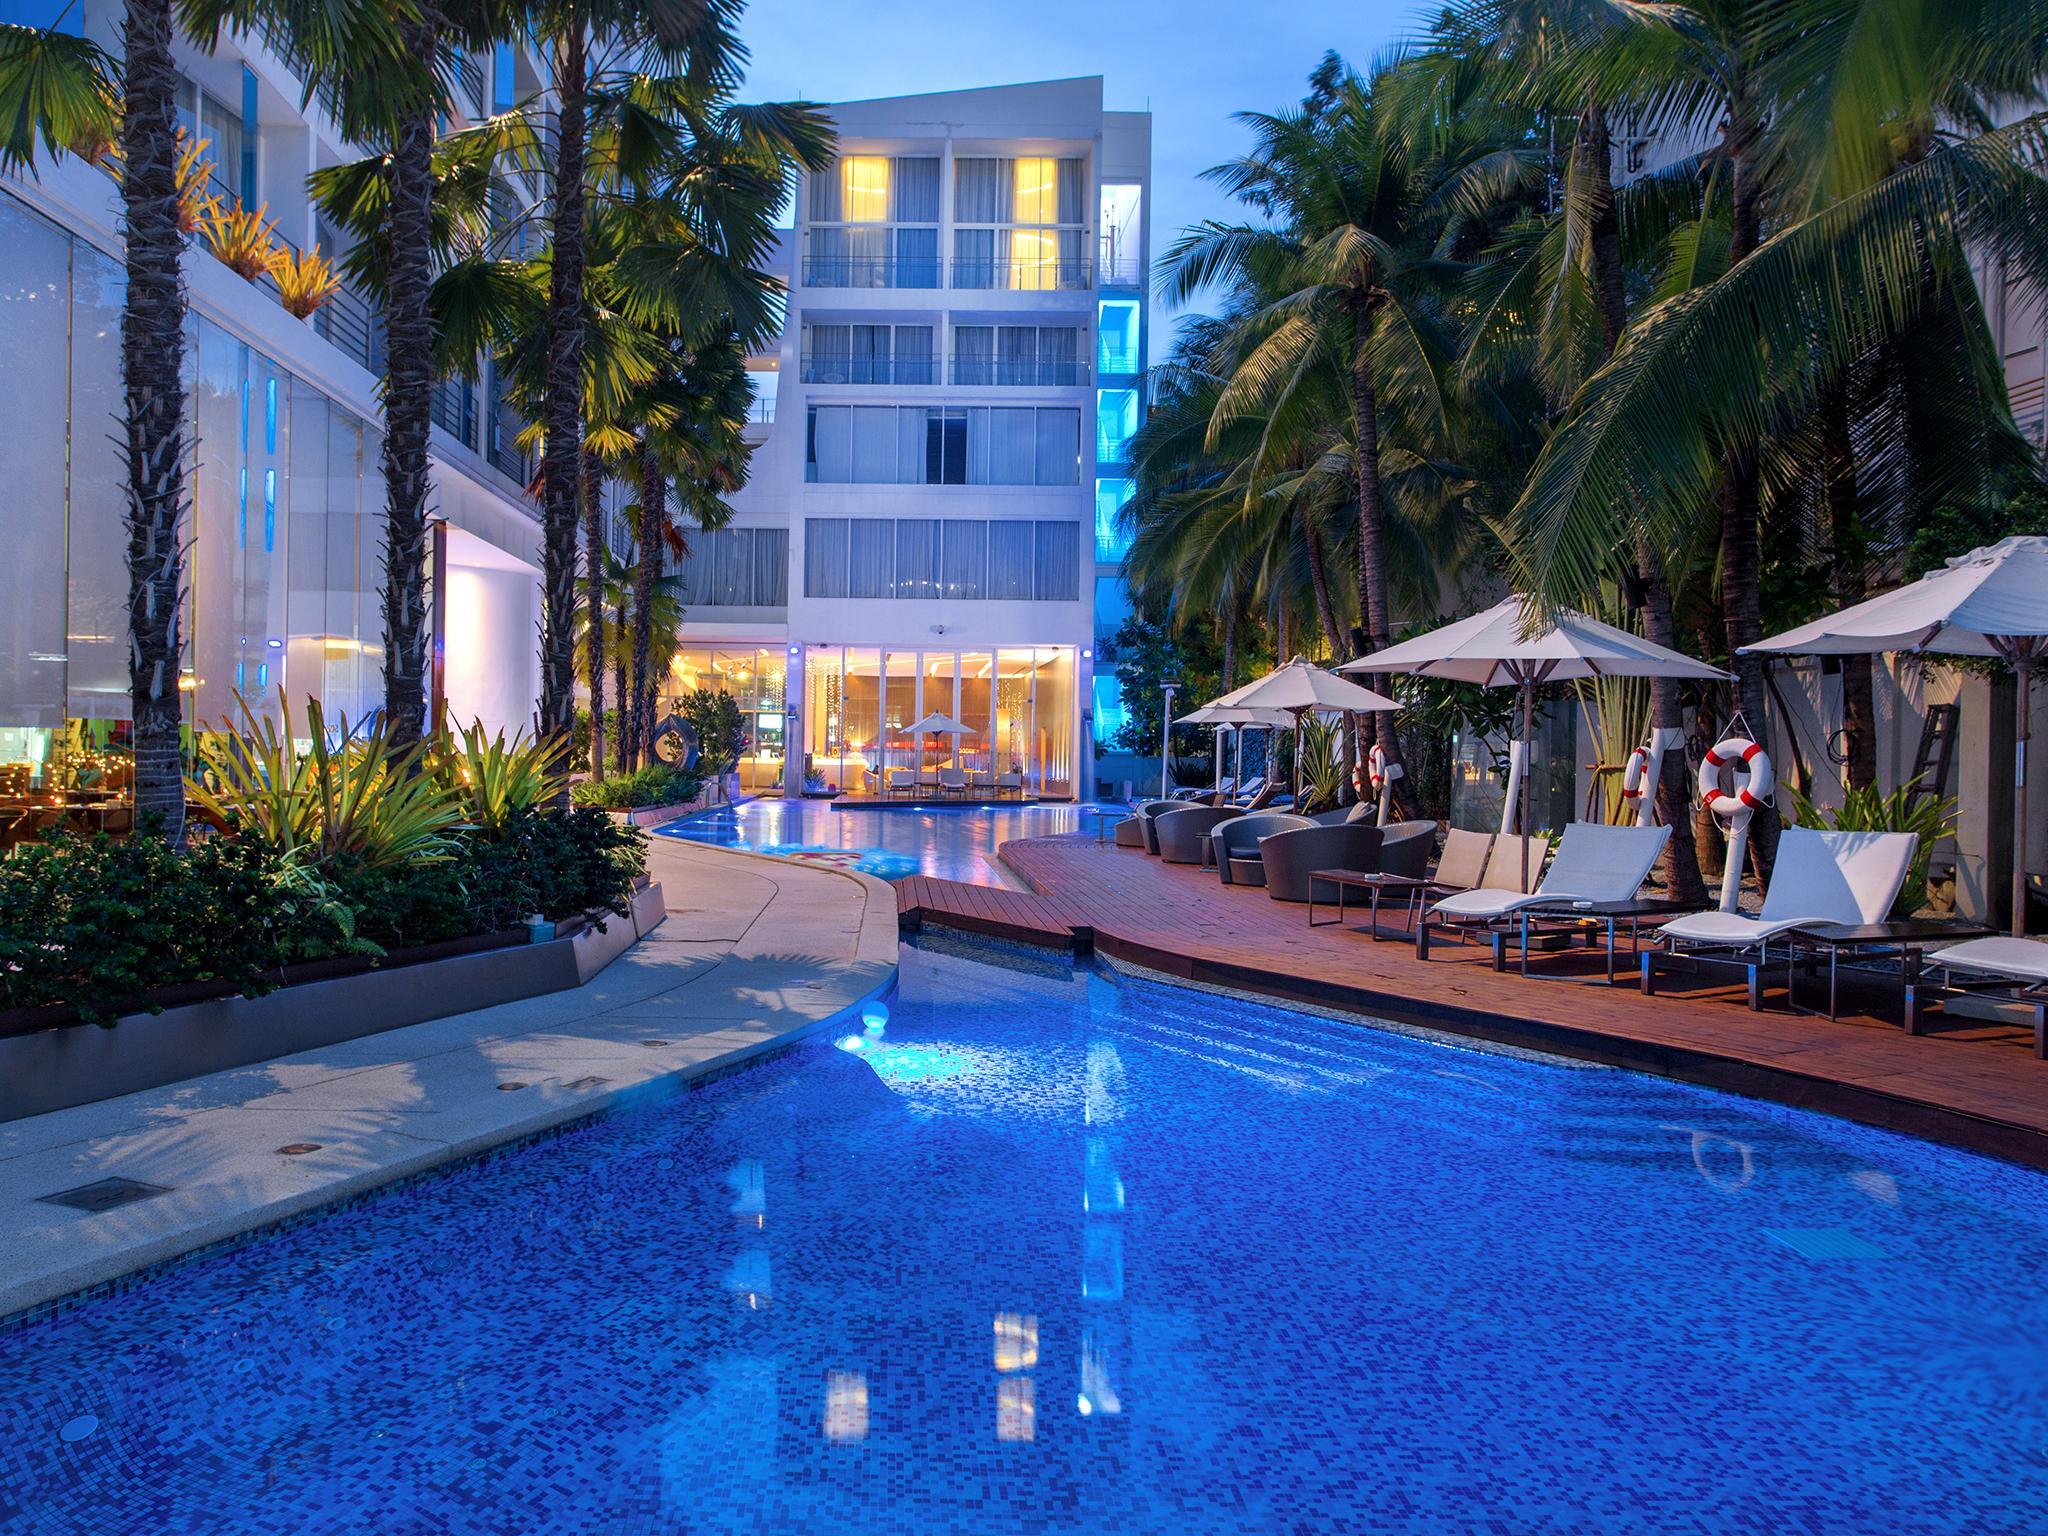 Pattaya Hotels - truly royal holidays